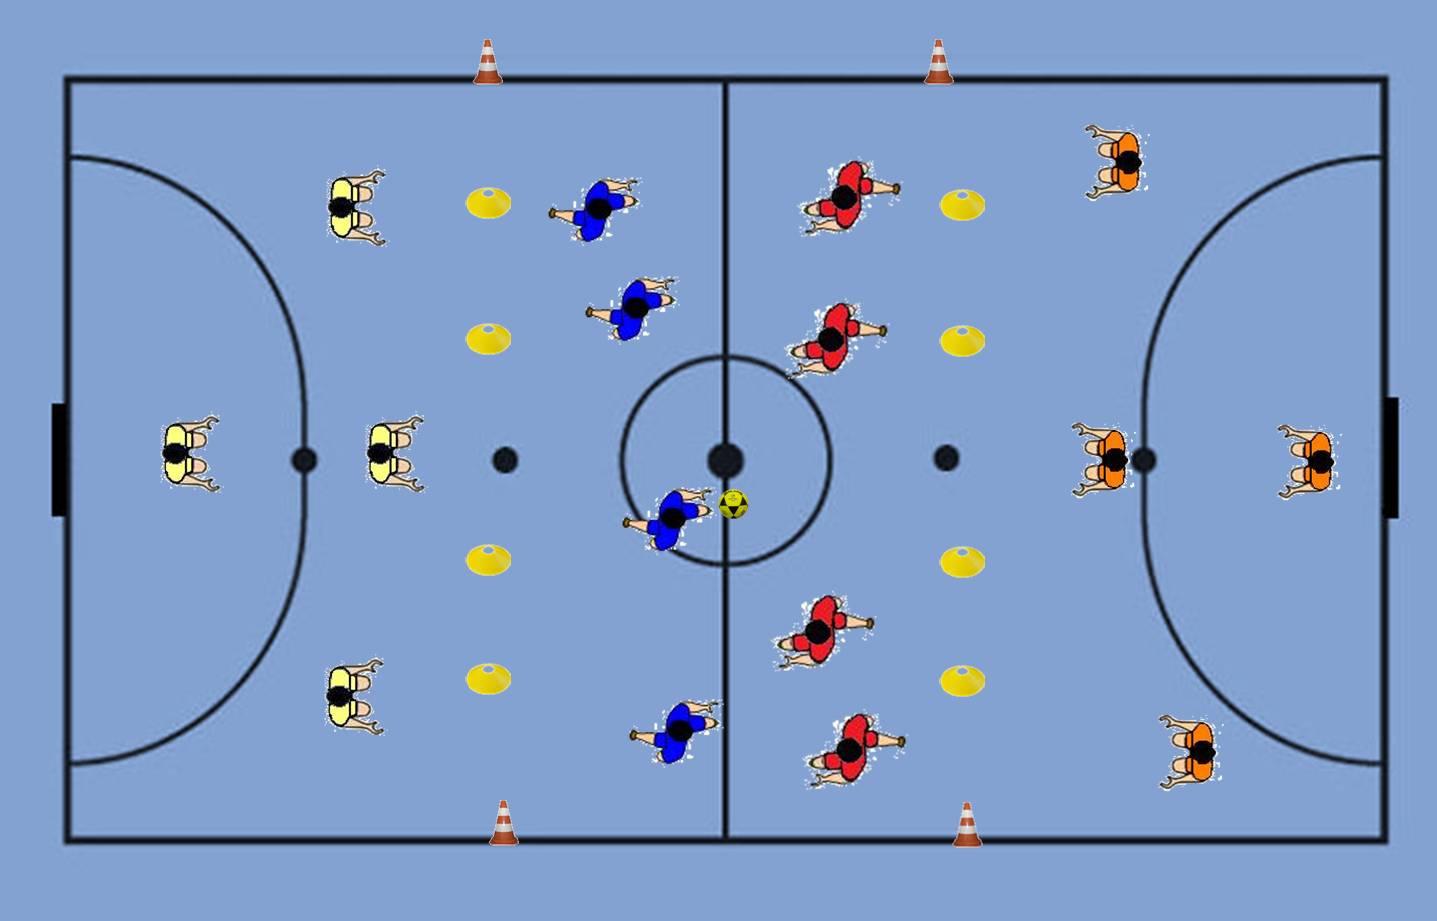 0ef1b67c6d As 4 equipas são formadas por apenas 4 jogadores permitindo que o ataque  após transpor os mecos se encontre em superioridade numérica.